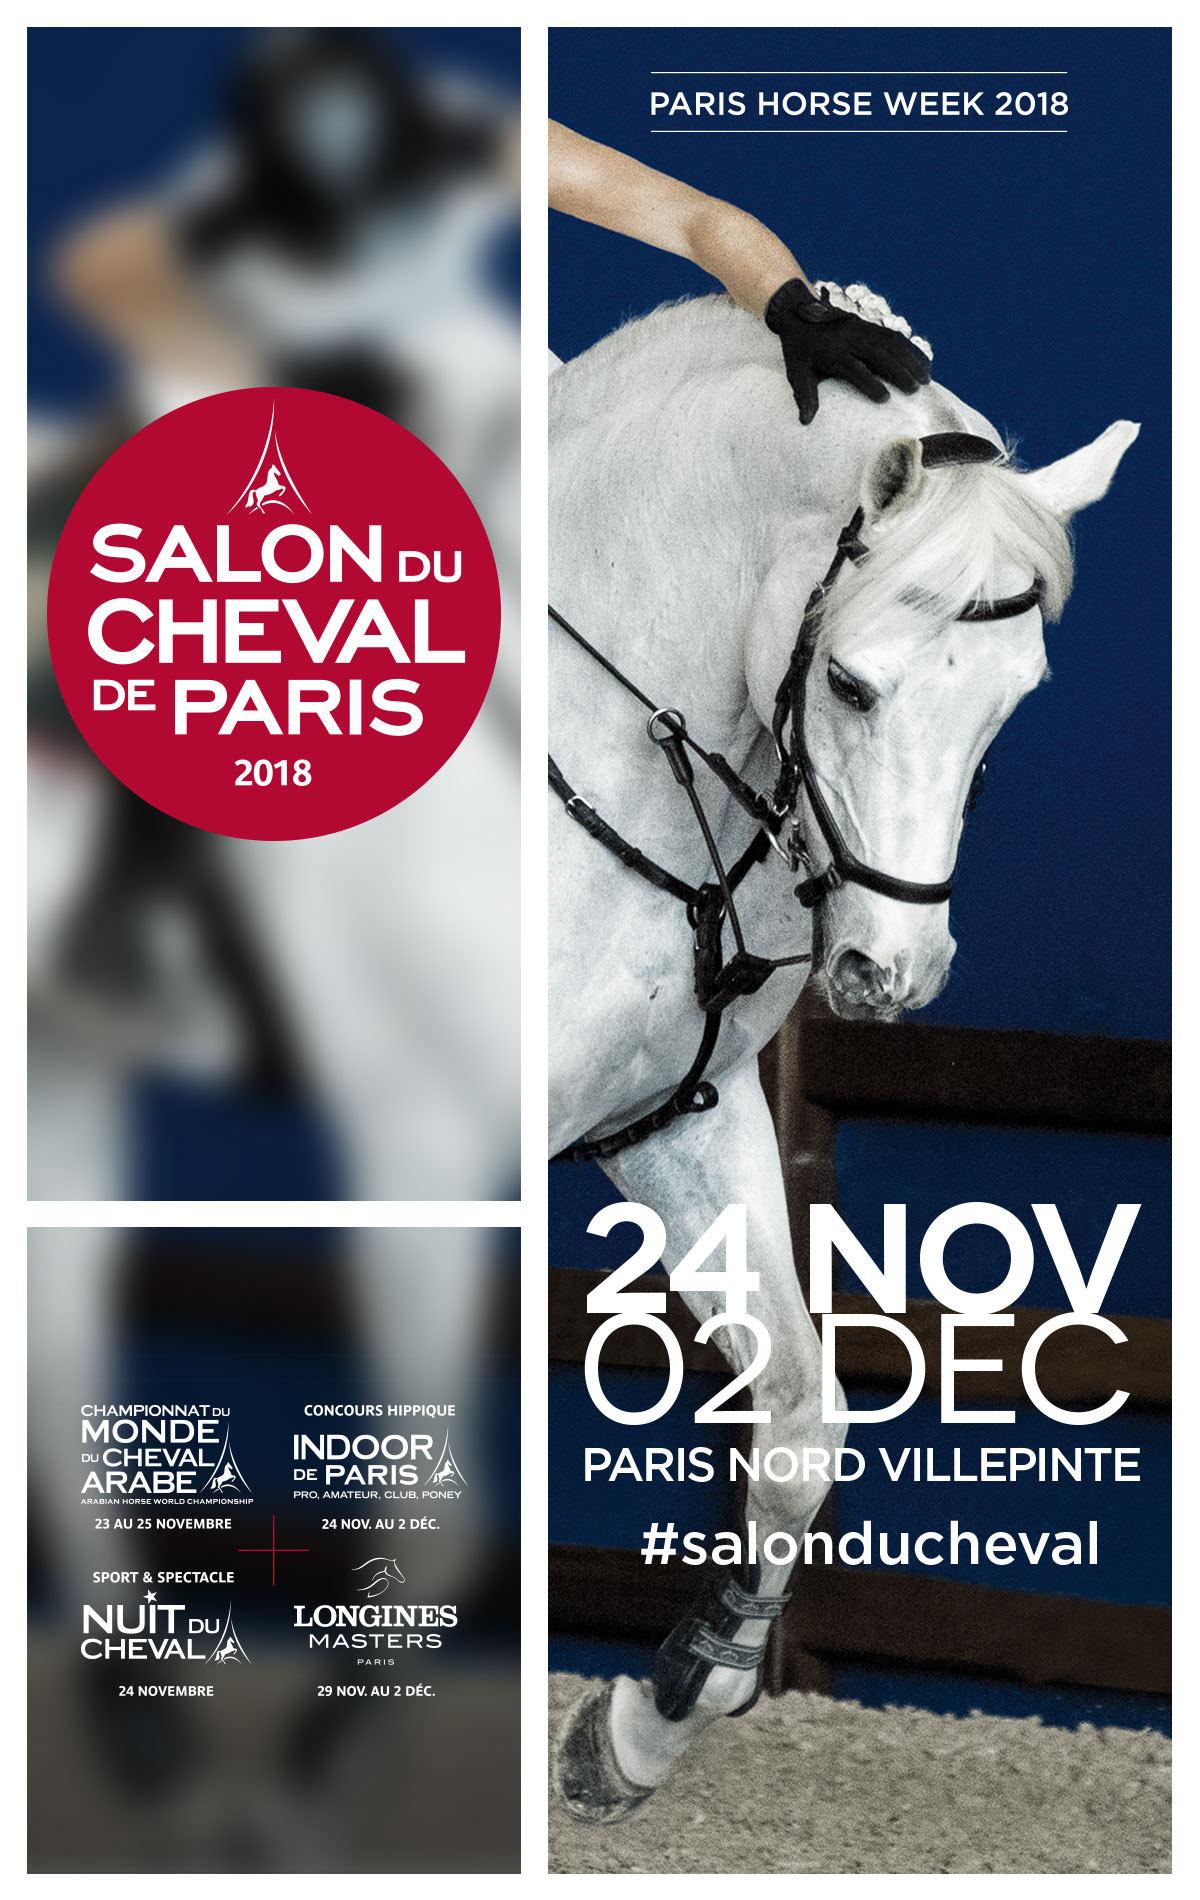 Salon du cheval 2018 de paris semaine - Salon du cheval de lyon ...